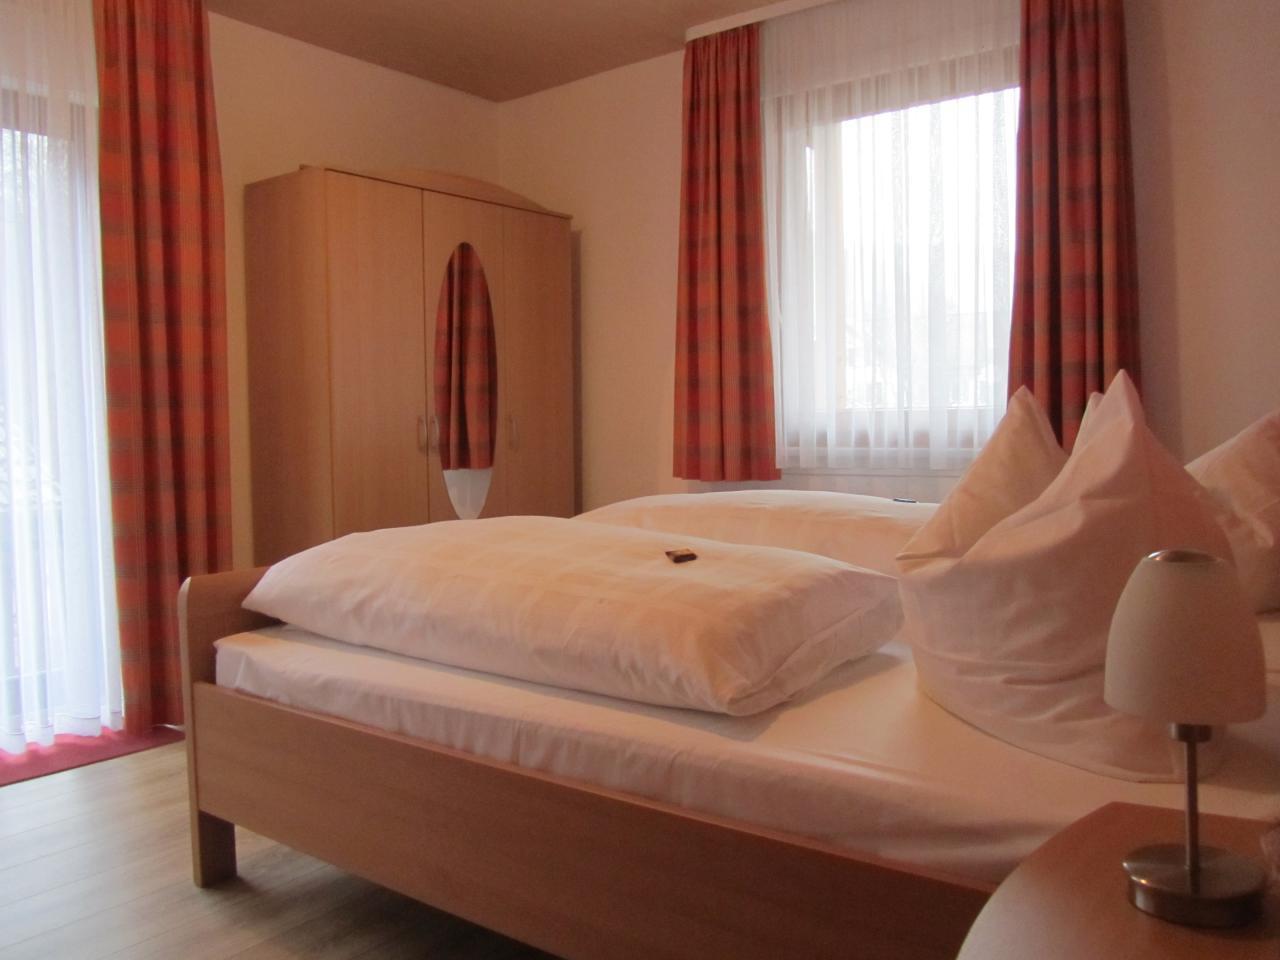 Ferienwohnung Appartementhaus Wiesengrund -Fewo2 (402591), Baiersbronn, Schwarzwald, Baden-Württemberg, Deutschland, Bild 5